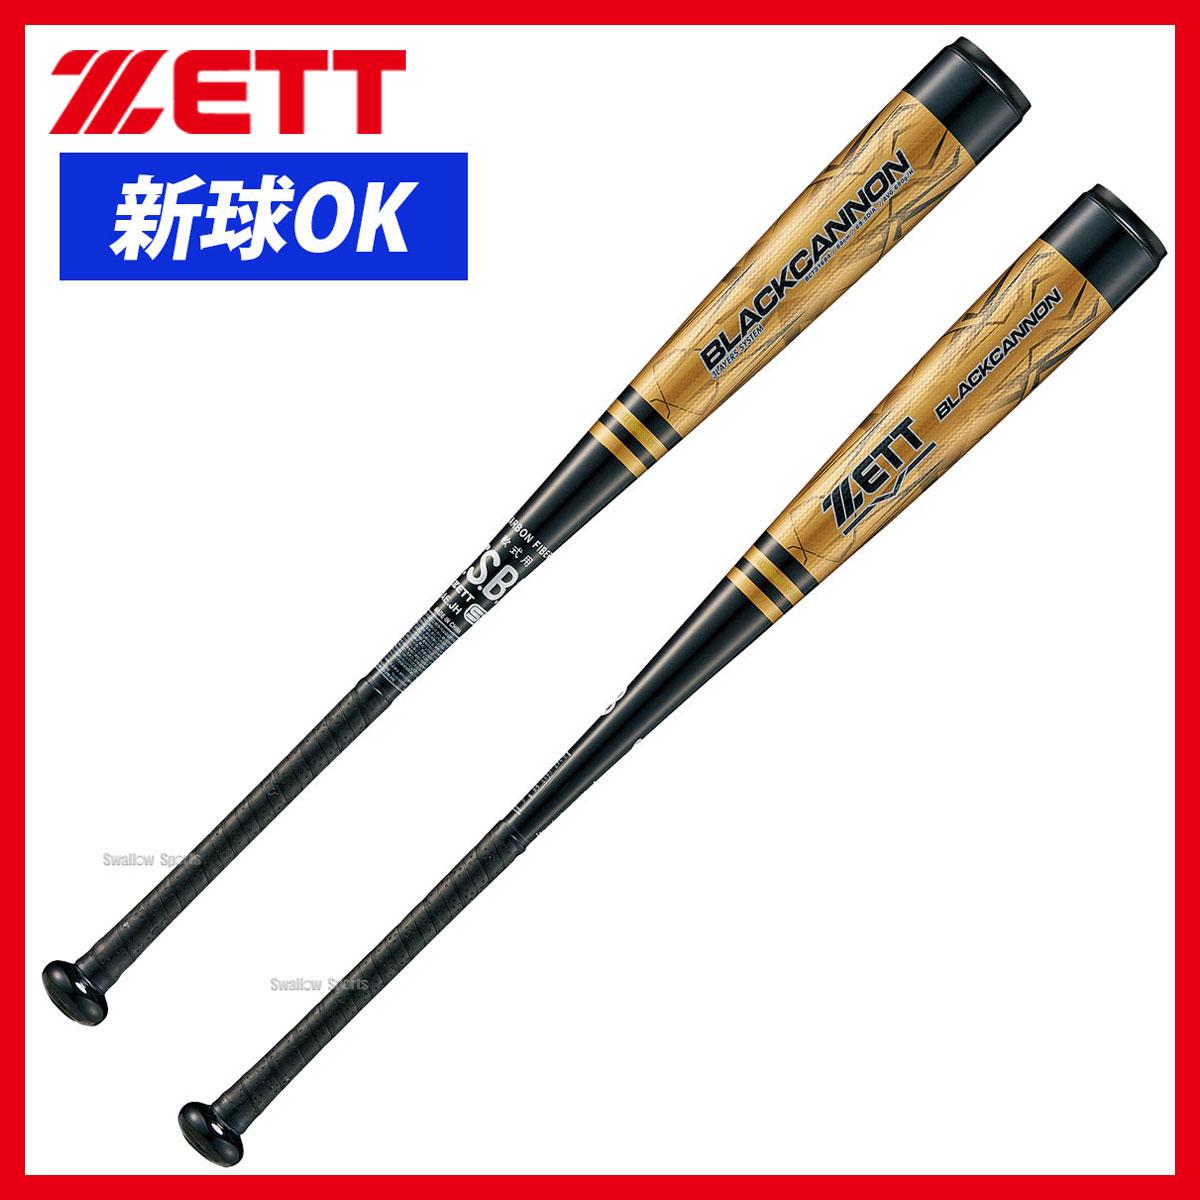 【あす楽対応】 ゼット ZETT 限定 軟式 バット ブラックキャノン BCT31683 【Sale】 野球用品 スワロースポーツ ■TRZ■ftd